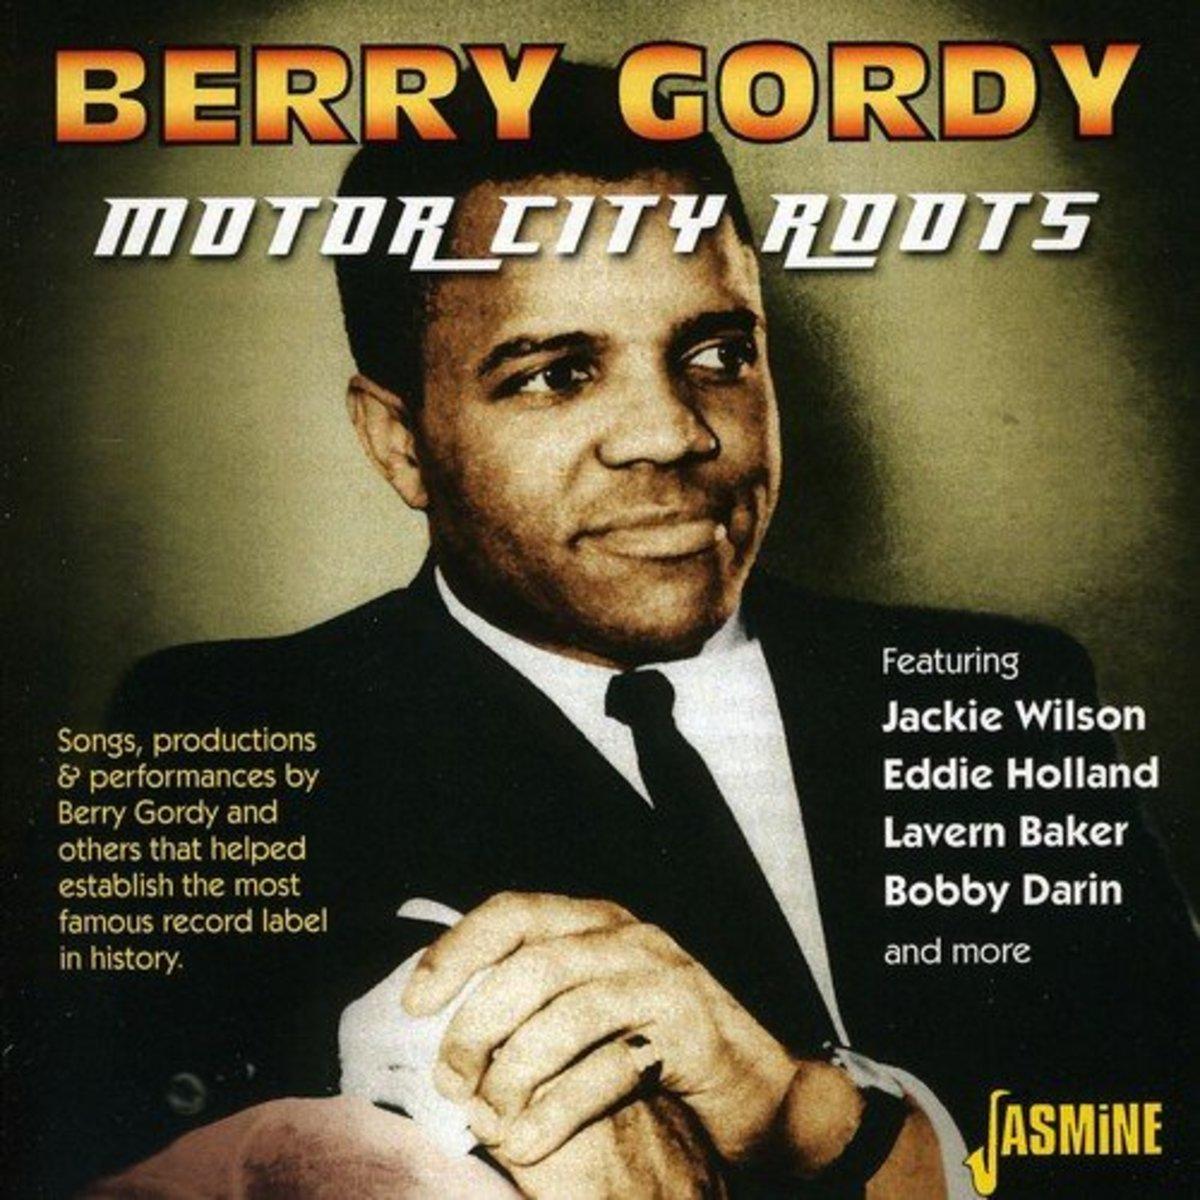 Berry Gordy